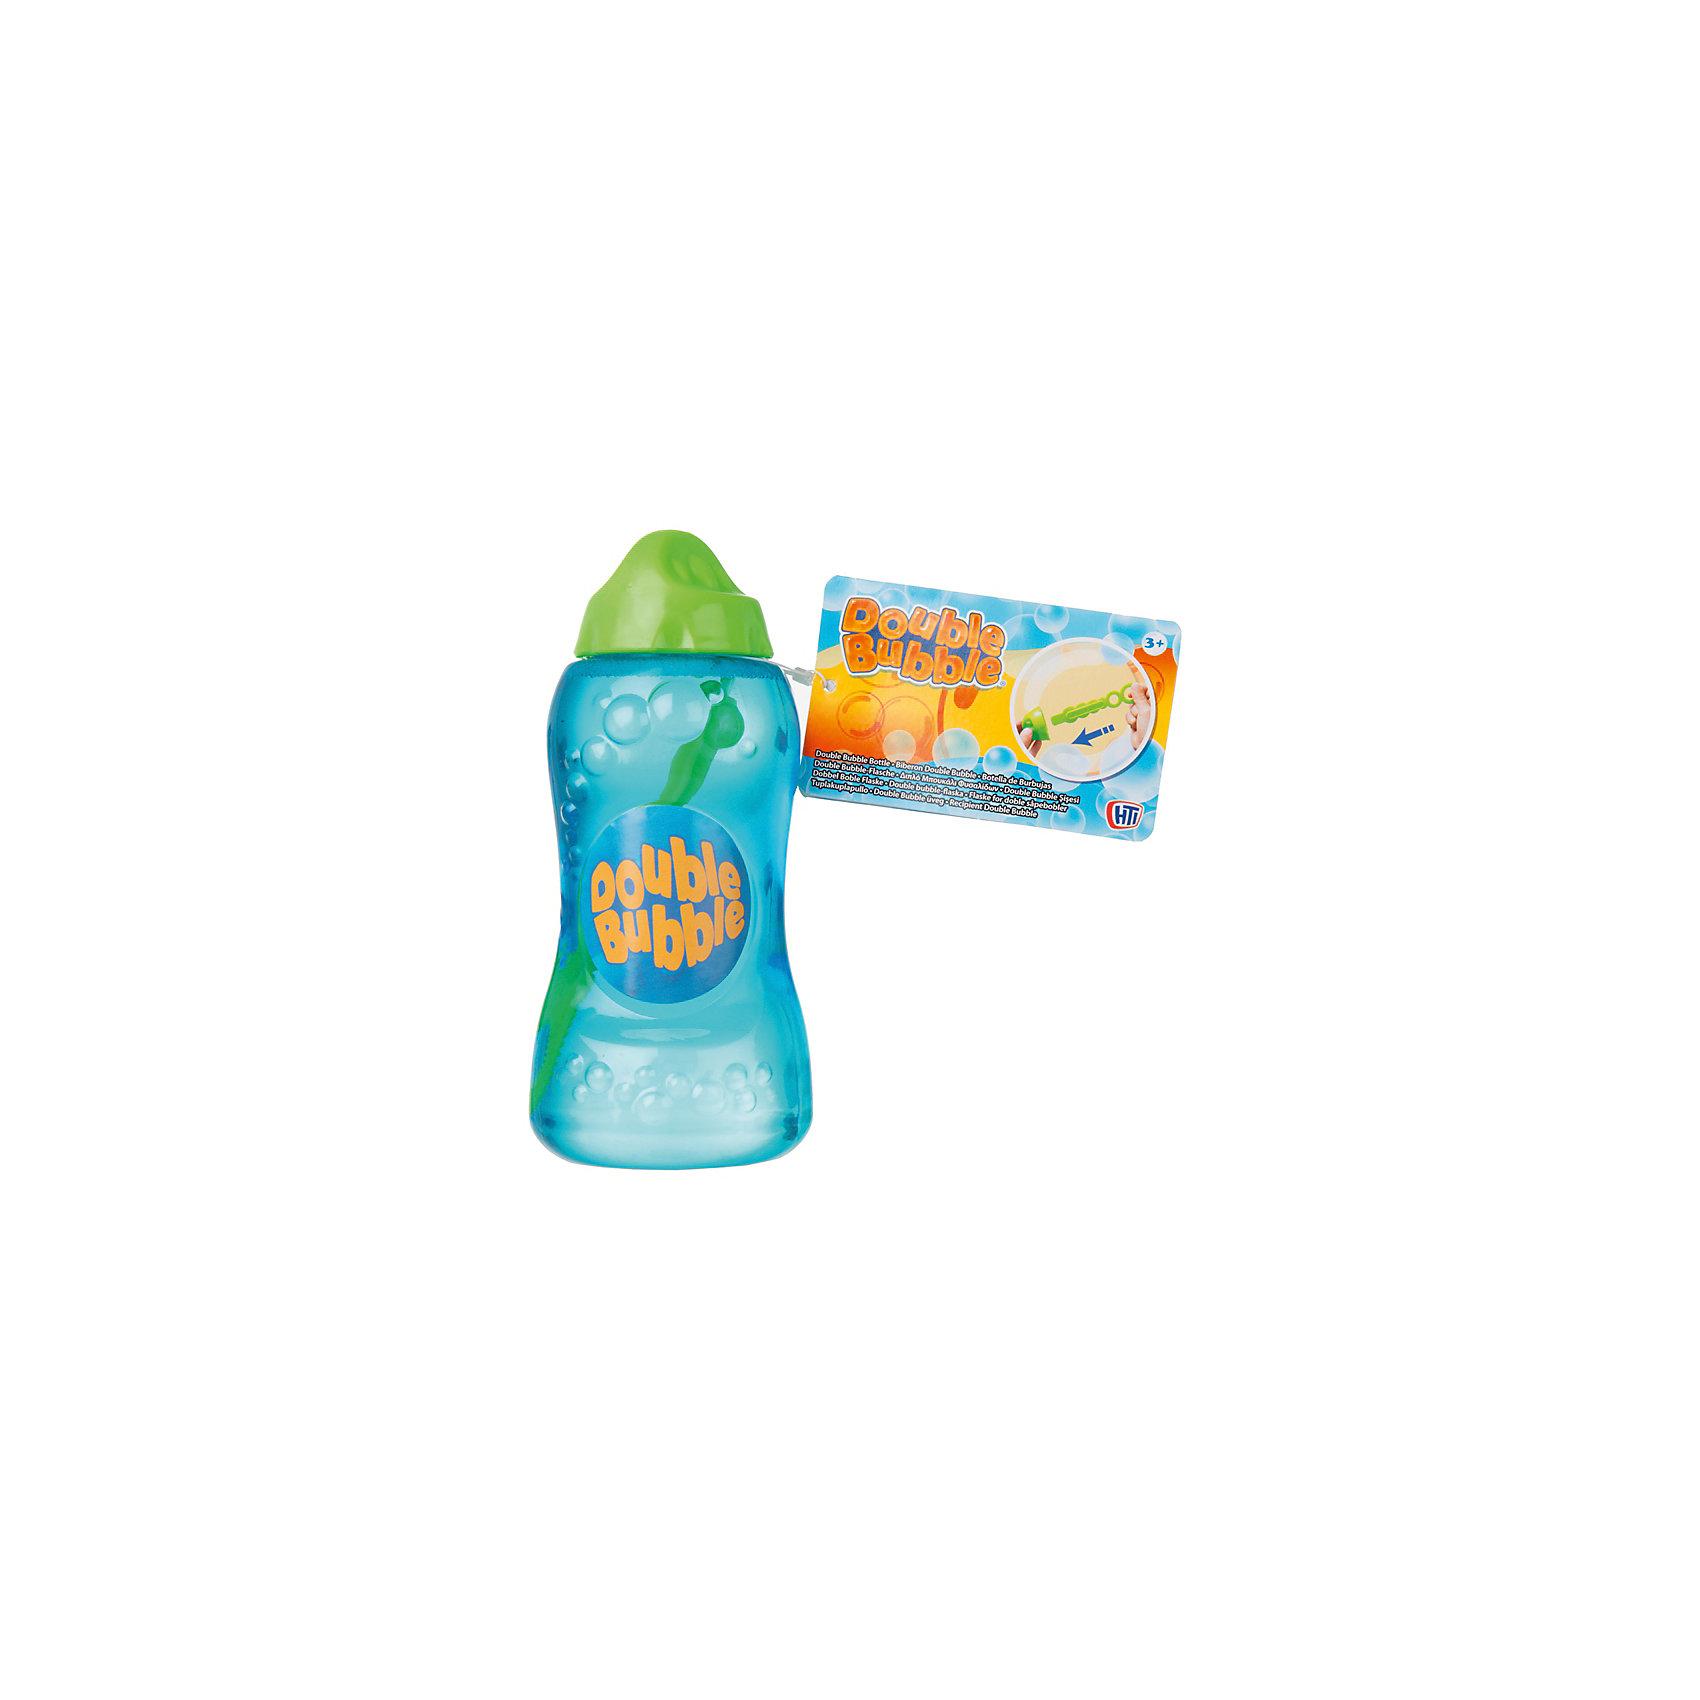 Набор для пускания мыльных пузырей  с бутылочкой, HTIМыльные пузыри<br>Набор для пускания мыльных пузырей с бутылочкой, HTI.<br><br>Характеристика: <br><br>• Материал: пластик, мыло. <br>• Размер упаковки: 6,5х13х6,5 см.  <br>• Объем бутылочки: 236 мл. <br>• Эргономичная форма. <br>• Яркий привлекательный дизайн.<br><br>Дети обожают мыльные пузыри! Позвольте вашему малышу самому создать маленькое мыльное чудо. Бутылочка с мыльным раствором имеет удобную эргономичную форму, препятствующую выскальзыванию и идеально подходящую для детских рук. Мыльная жидкость имеет нетоксичный состав безопасный для детей.<br><br>Набор для пускания мыльных пузырей с бутылочкой, HTI, можно купить в нашем интернет-магазине.<br><br>Ширина мм: 137<br>Глубина мм: 63<br>Высота мм: 63<br>Вес г: 260<br>Возраст от месяцев: 36<br>Возраст до месяцев: 168<br>Пол: Унисекс<br>Возраст: Детский<br>SKU: 5366541